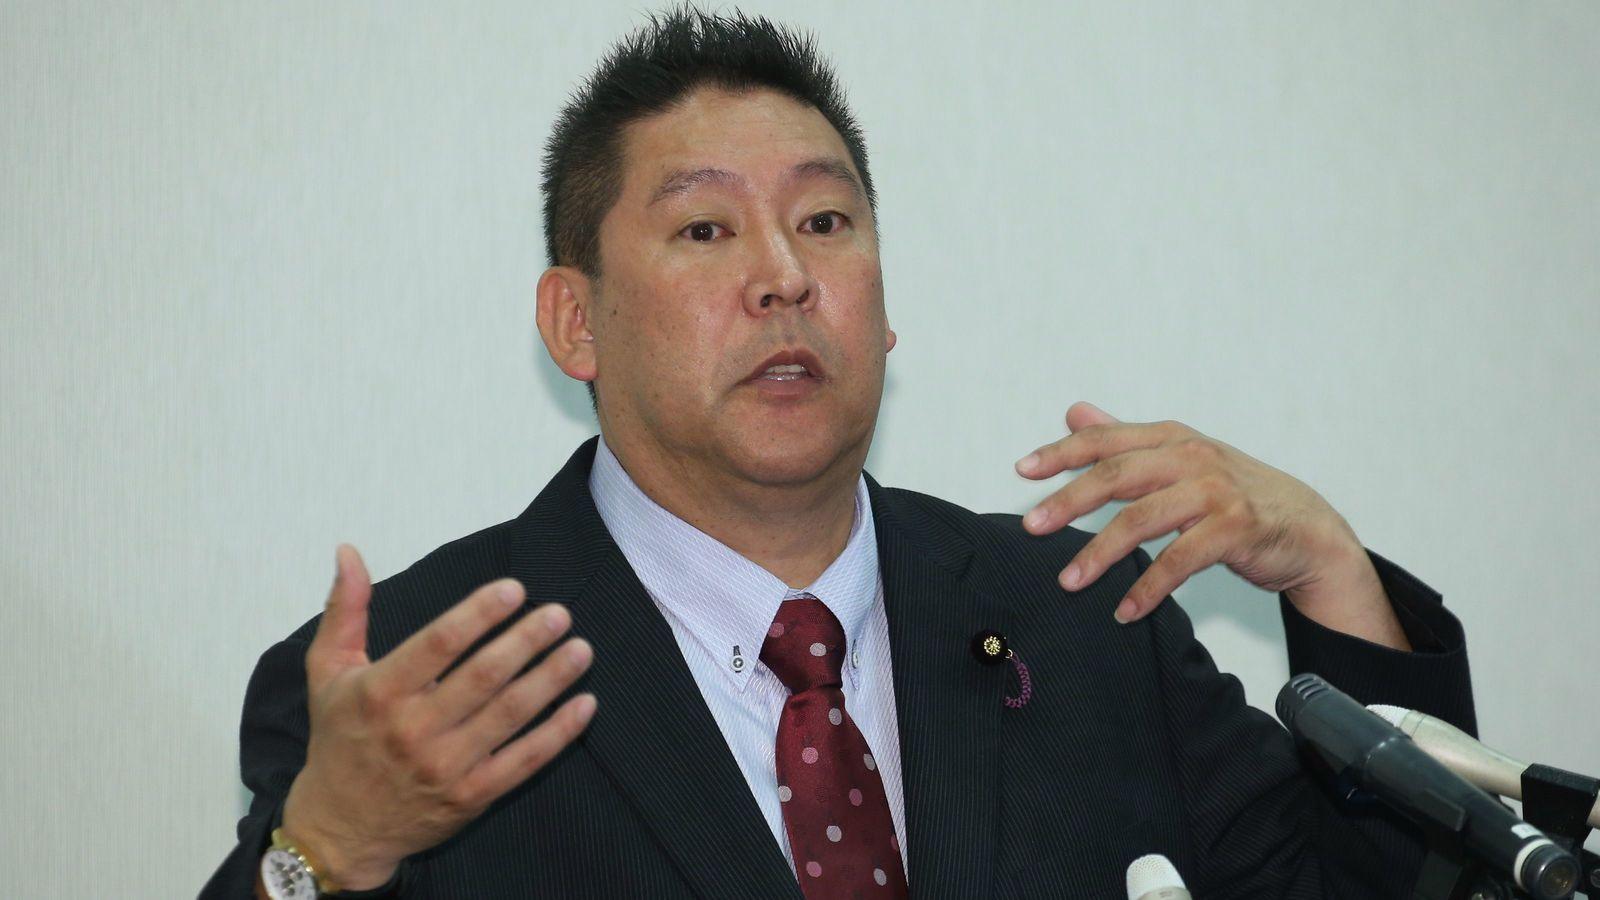 立花孝志に共感する人々が抱く社会への復讐心 NHKではなく、この社会をぶっ壊す